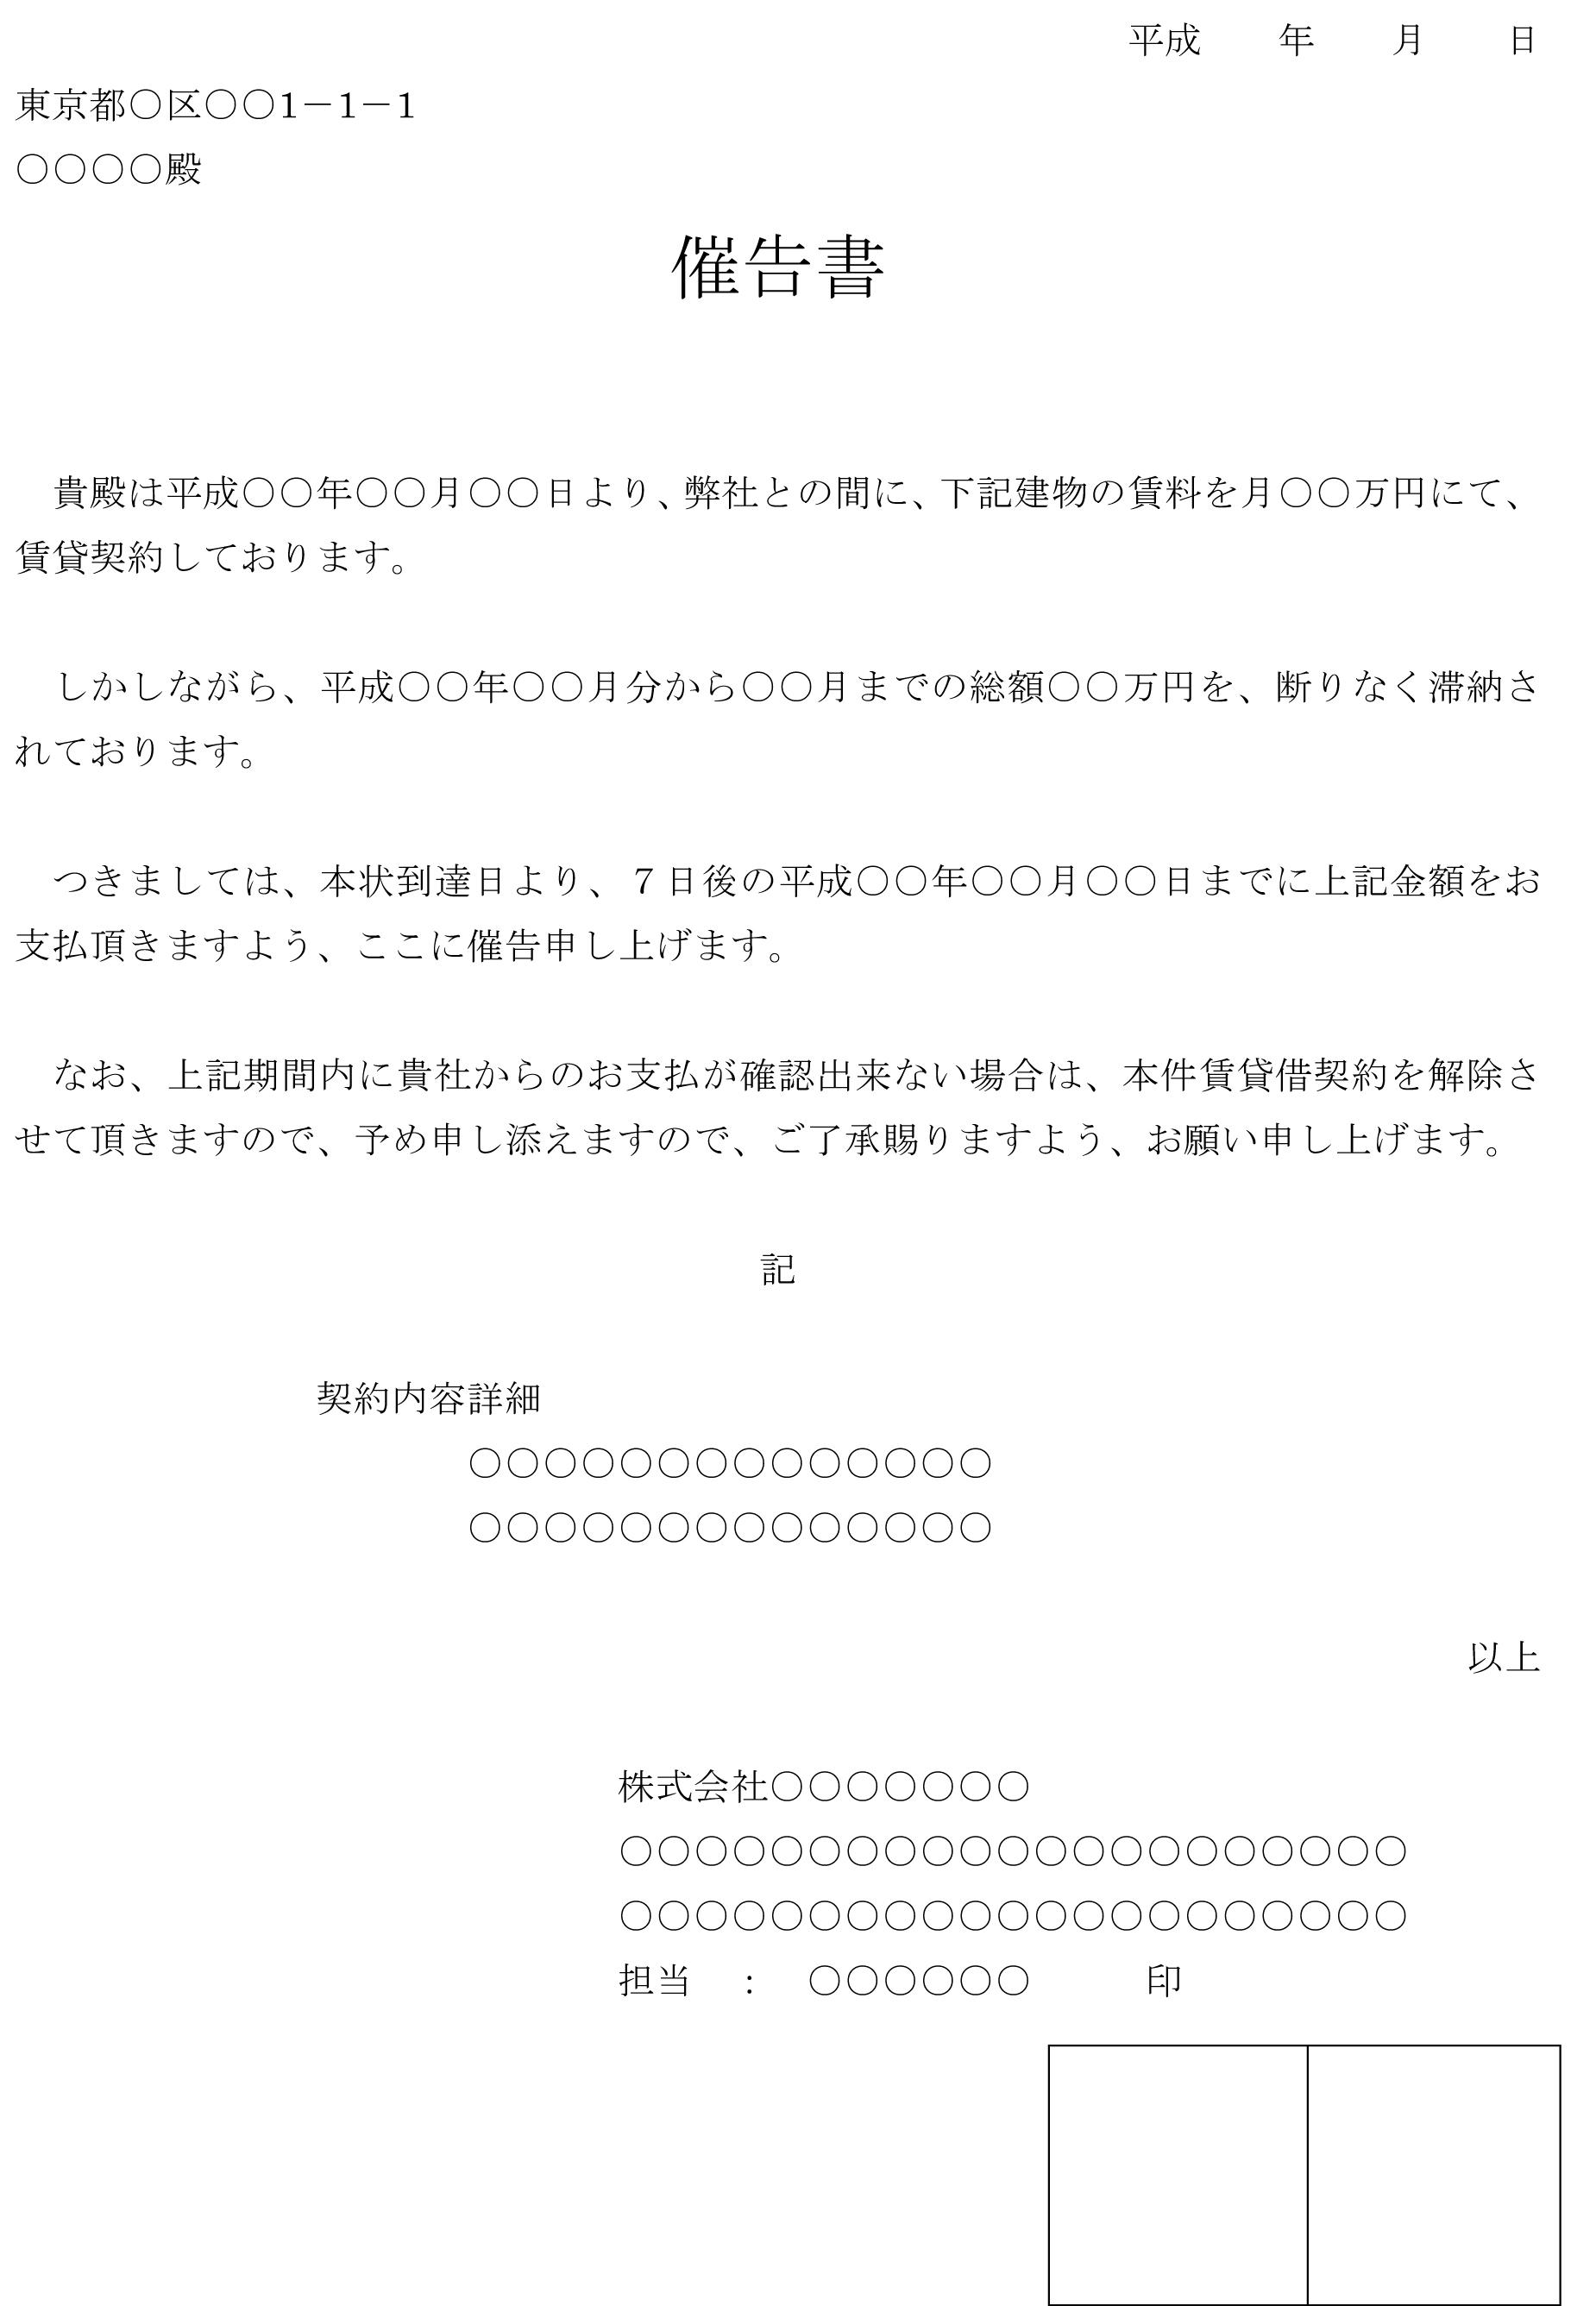 催告書(建物賃料)01